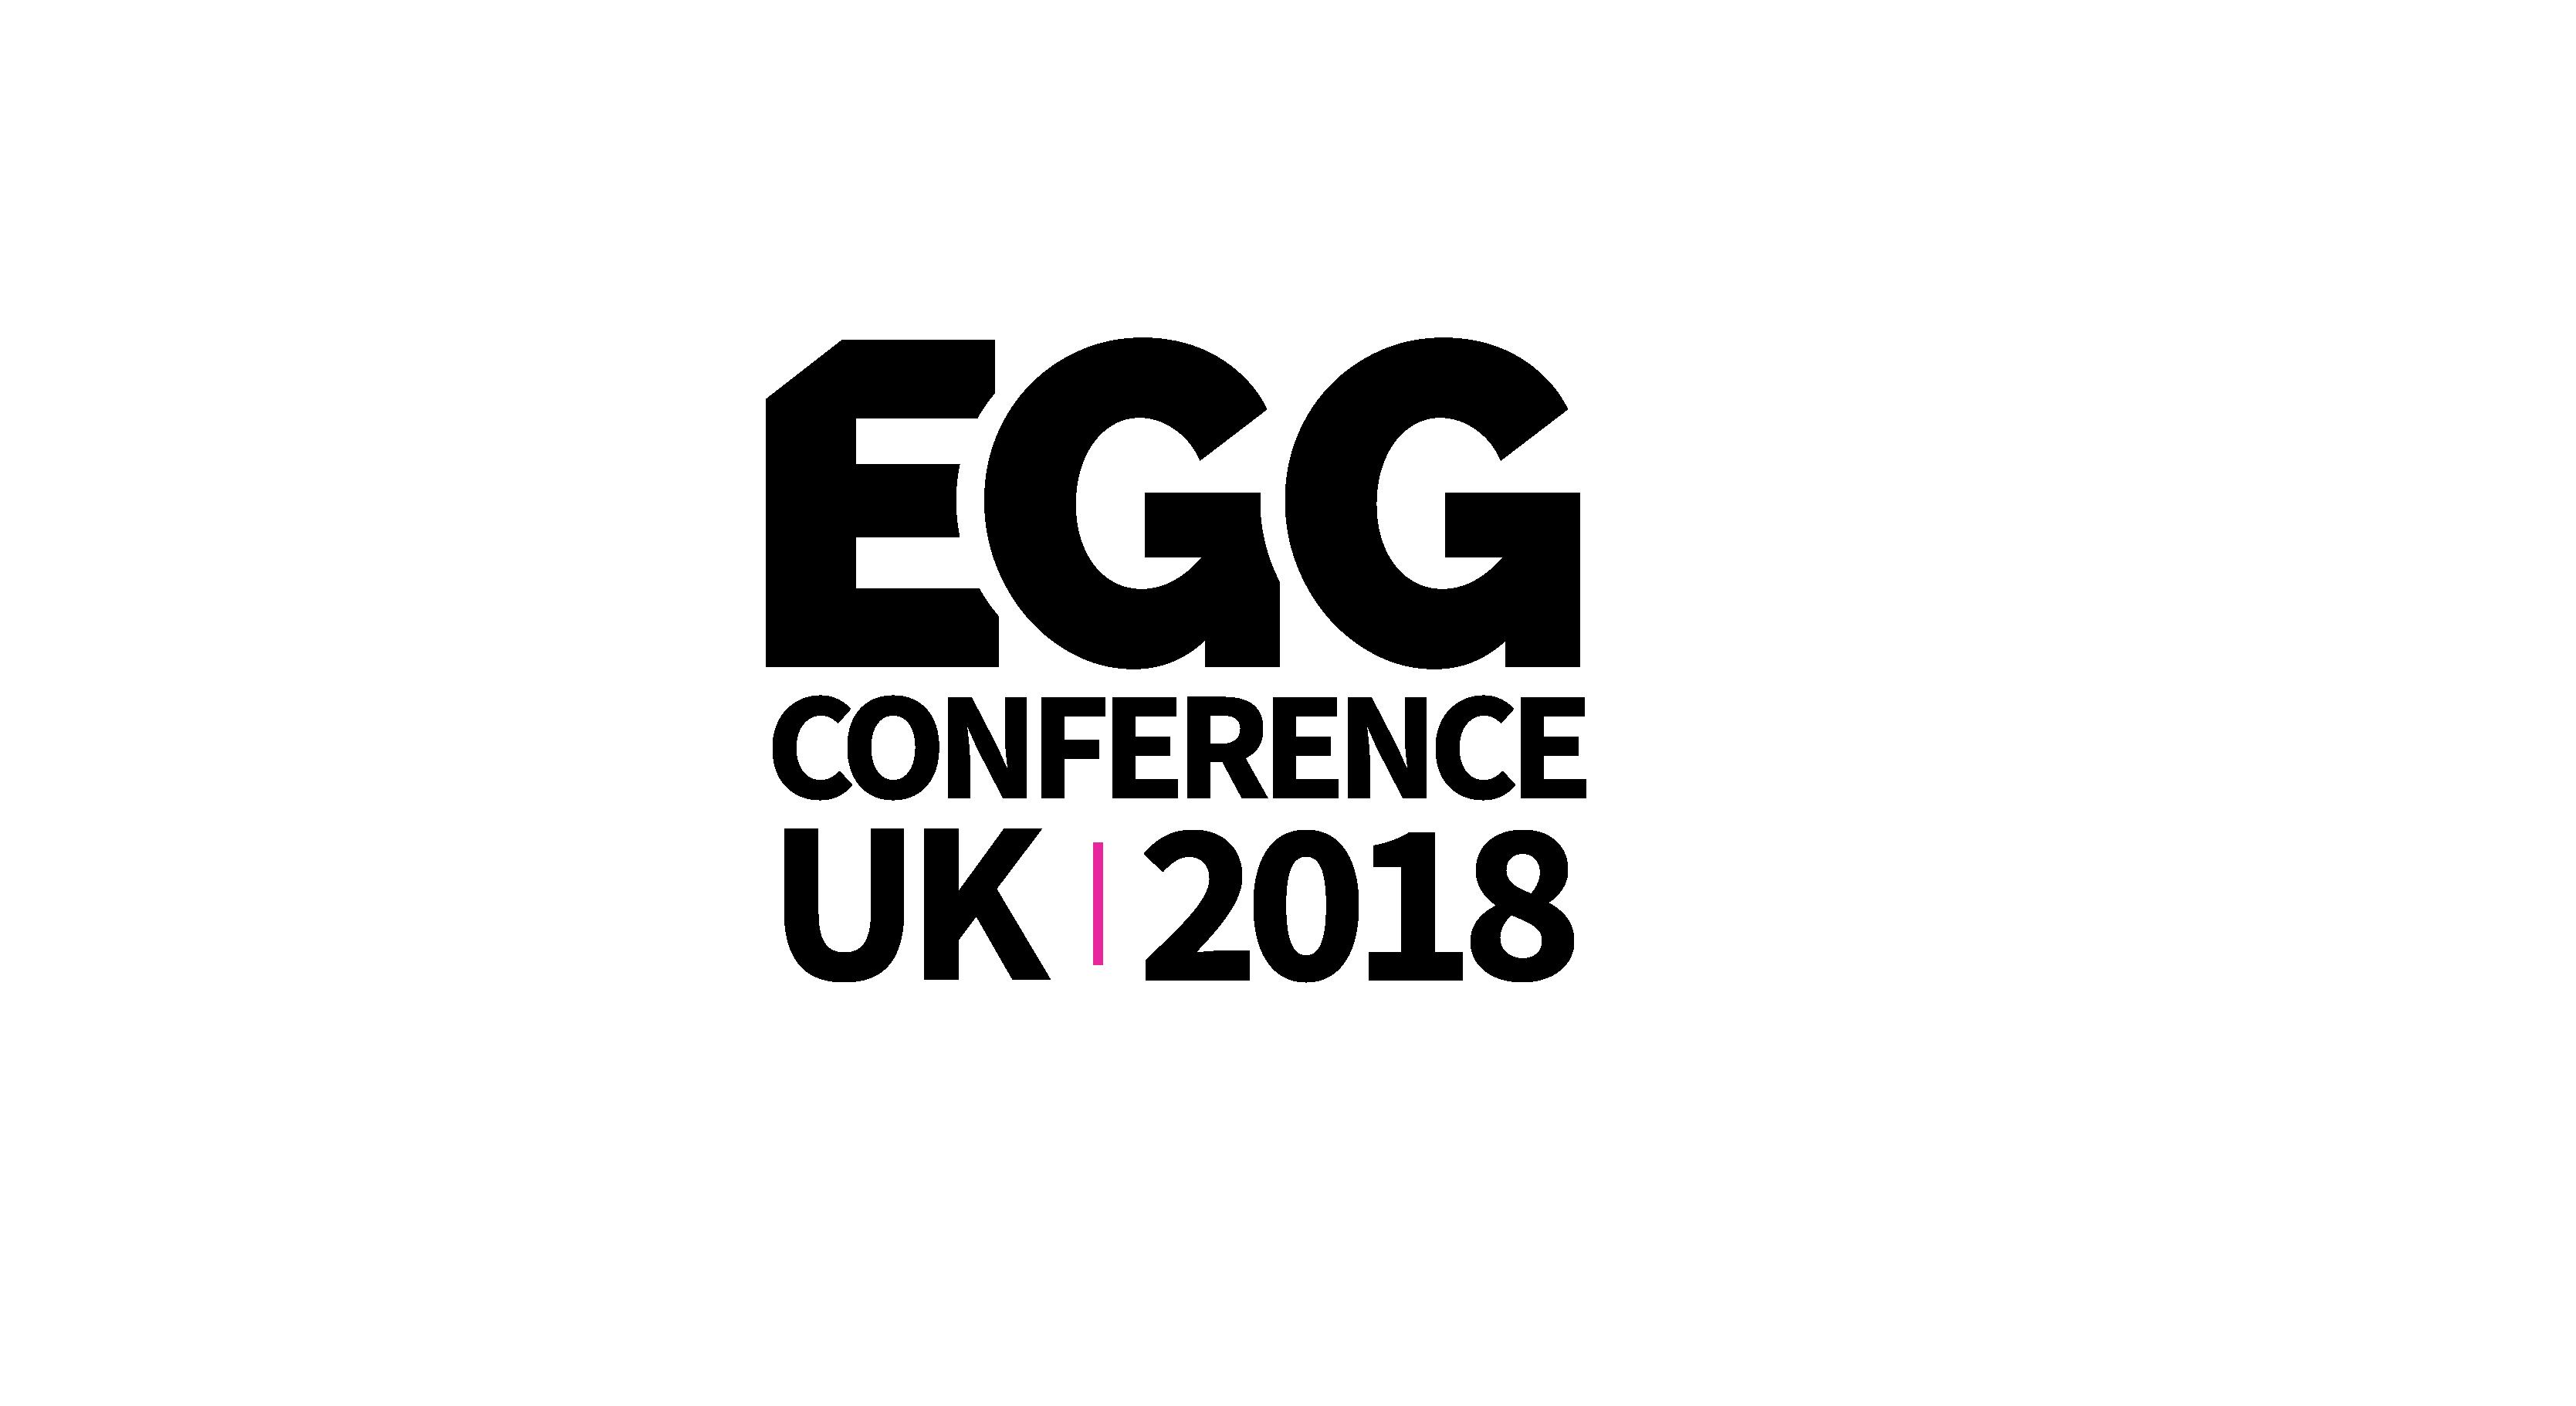 egg_2018_logo_b-08